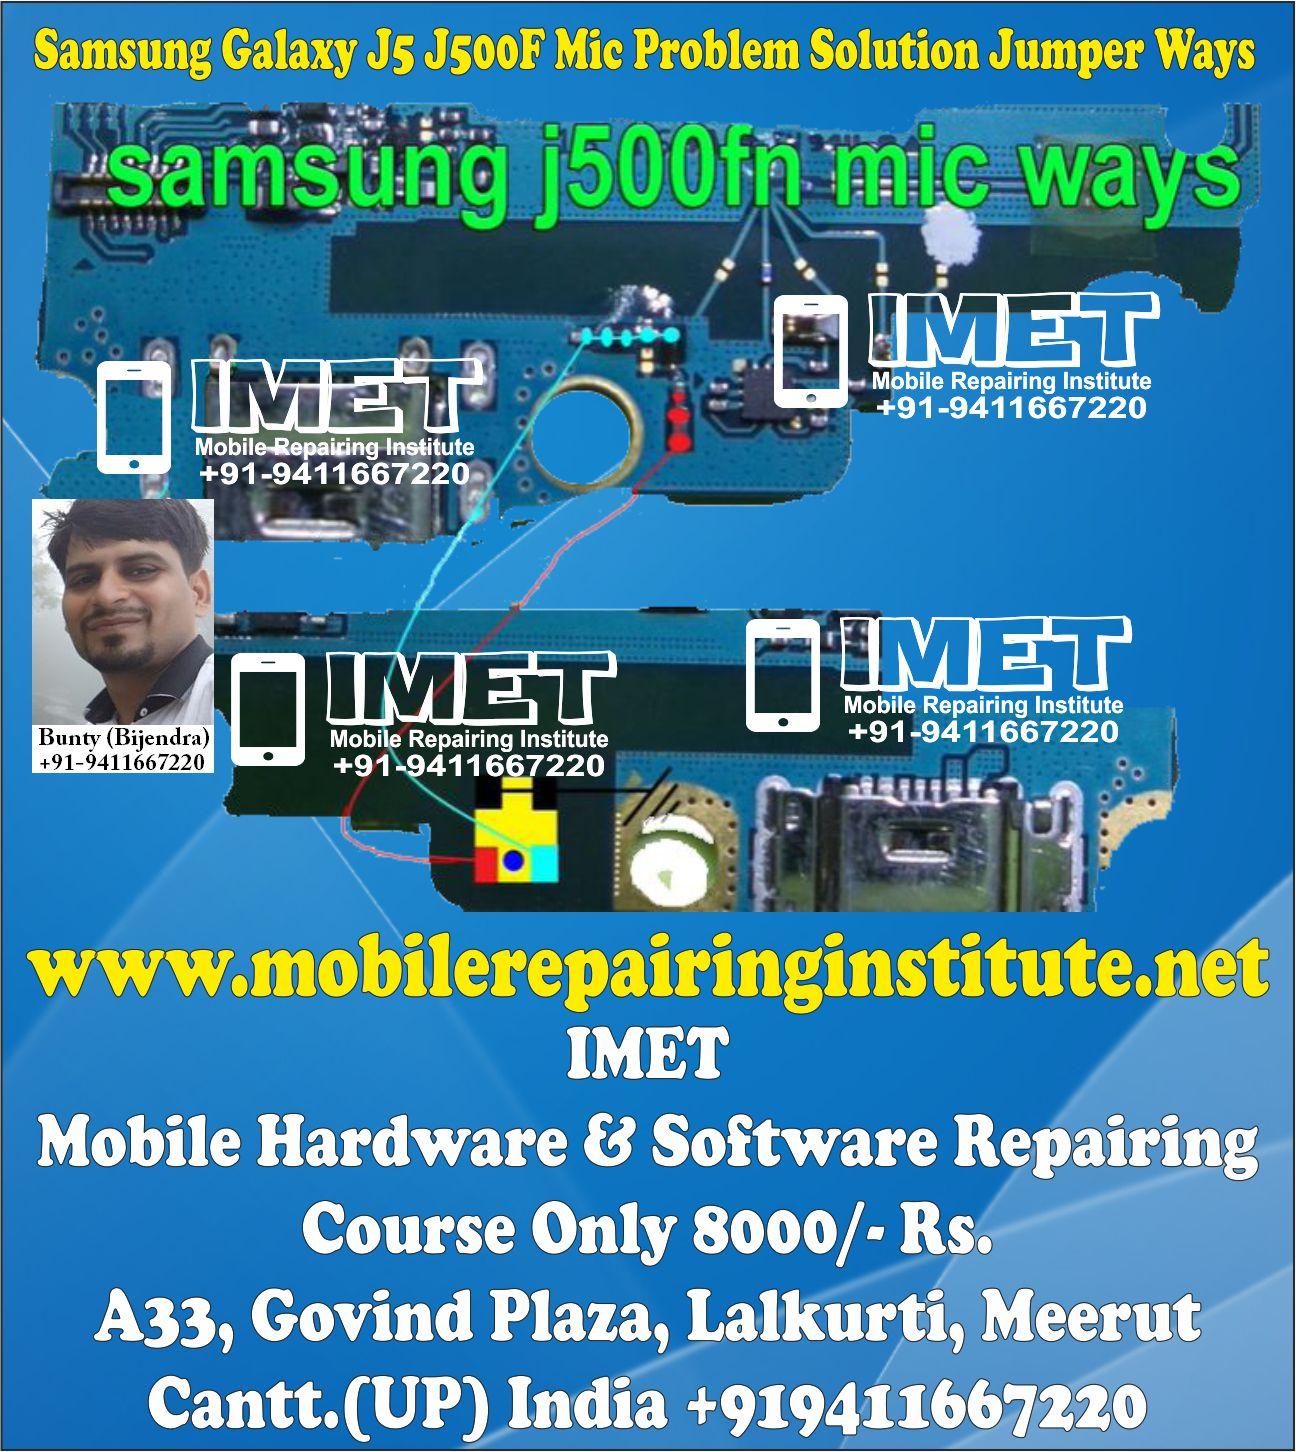 Samsung Galaxy J5 J500F Mic Problem Solution Jumper Ways